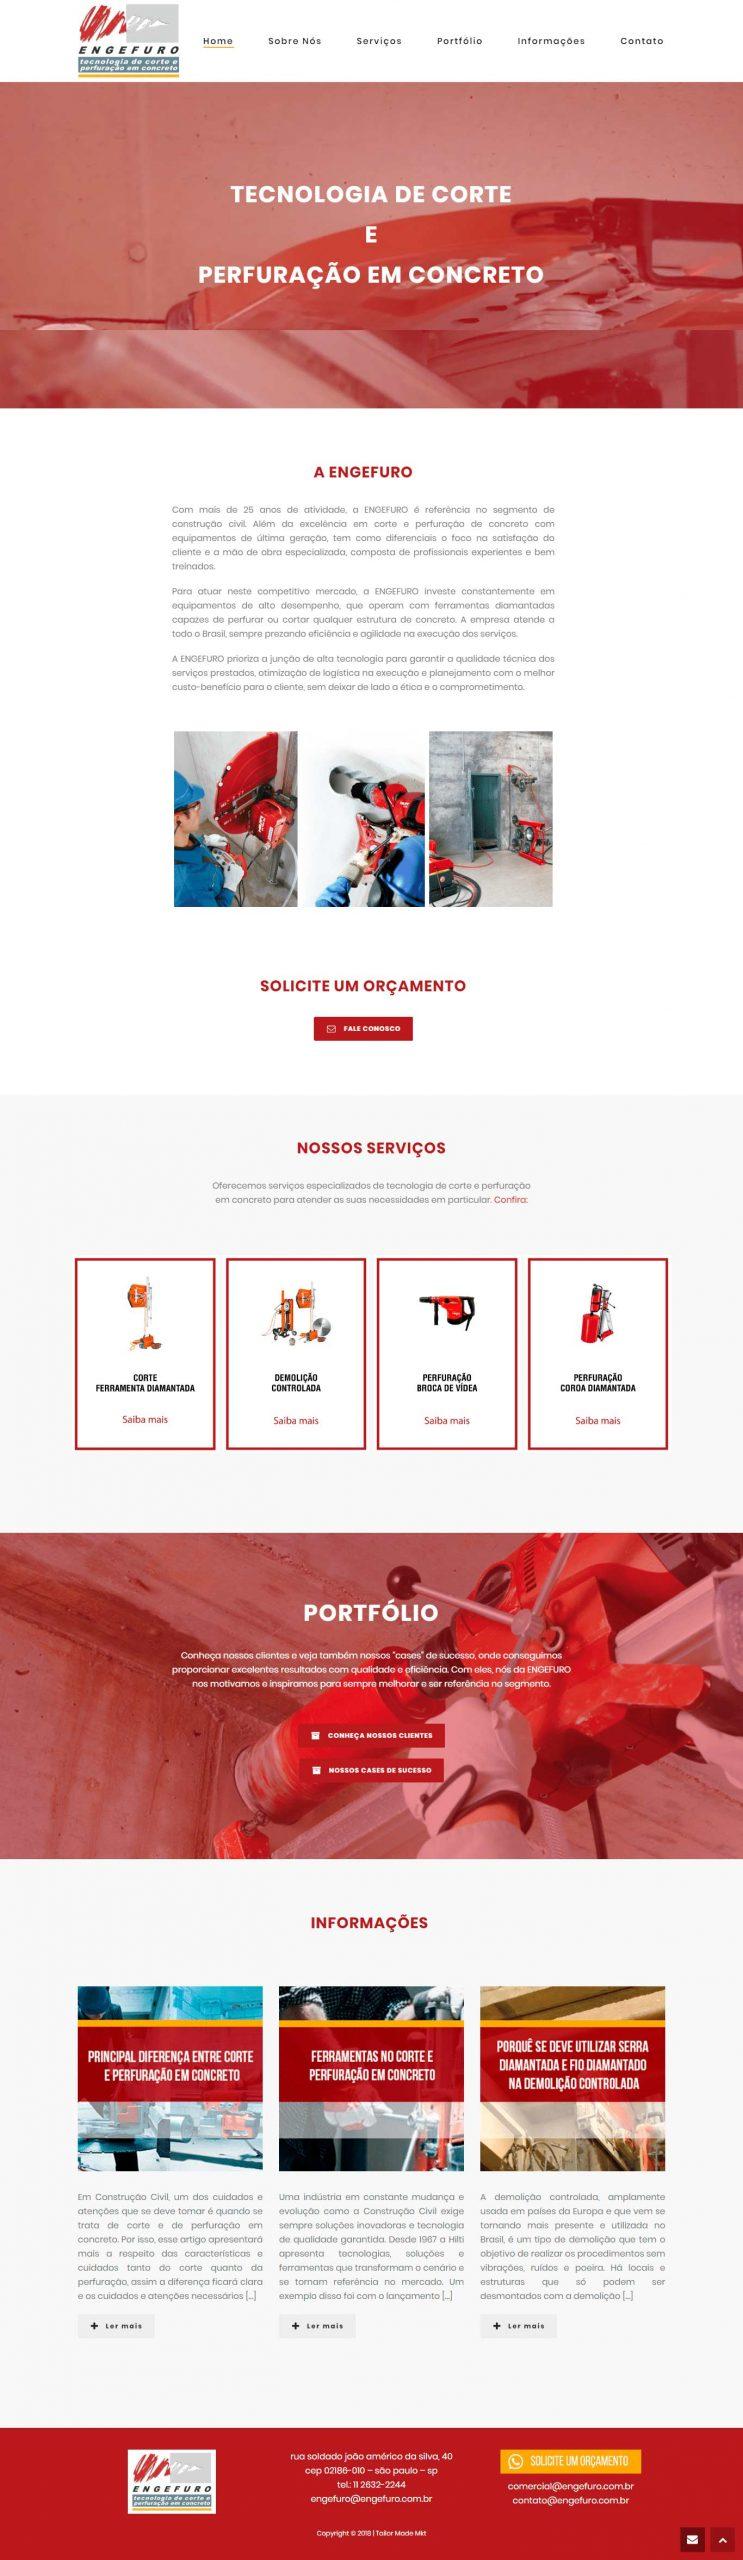 criação de site desenvolvimento de site Engefuro